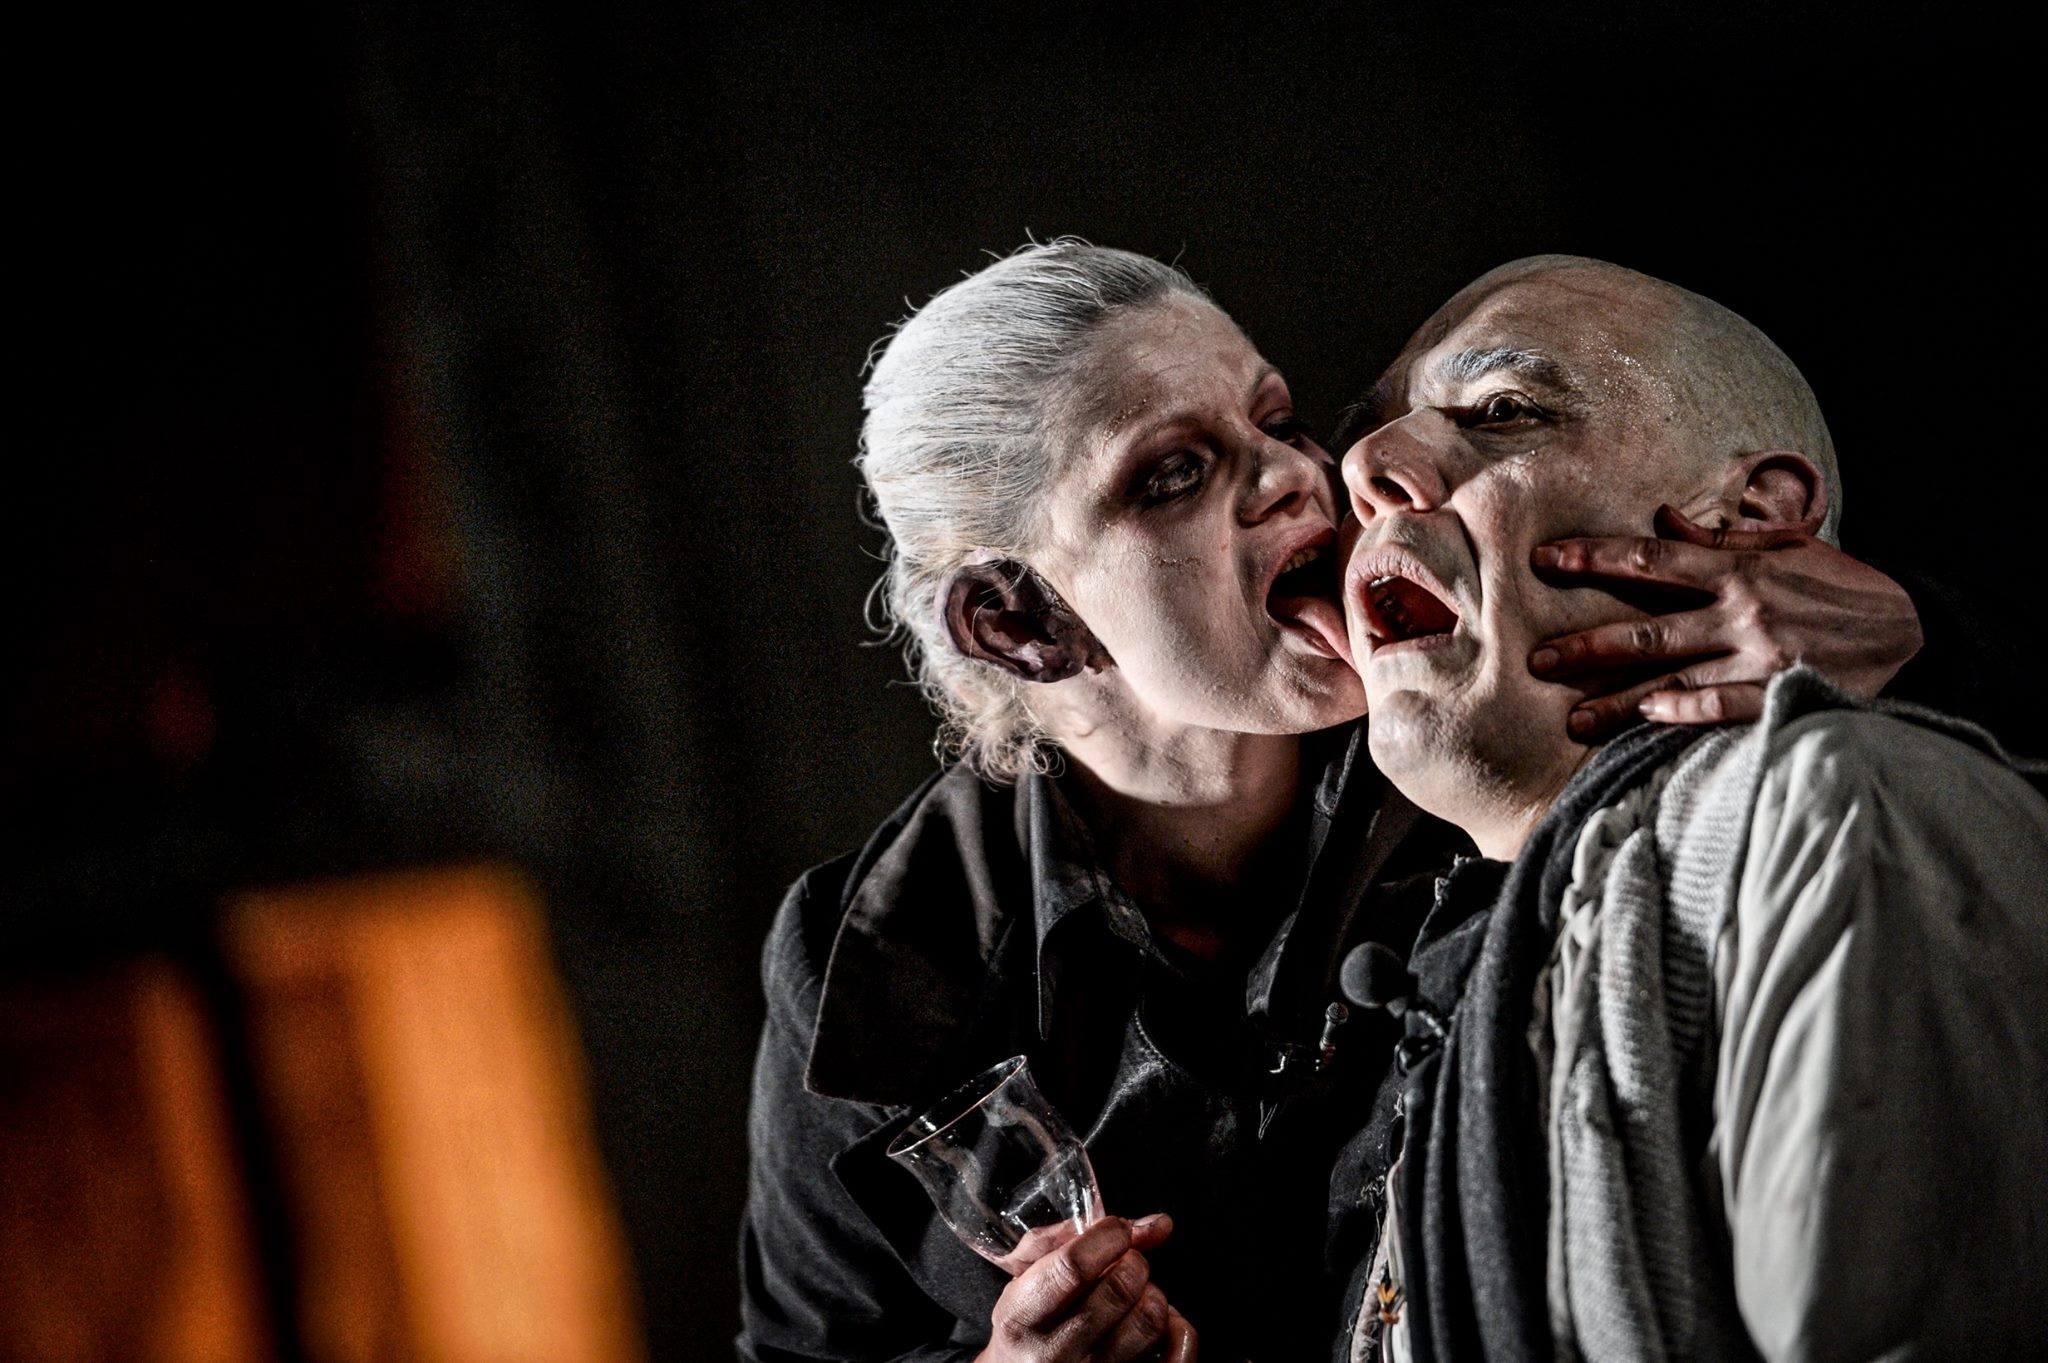 scenă din spectacolul Faust in regia lui Silviu Purcărete